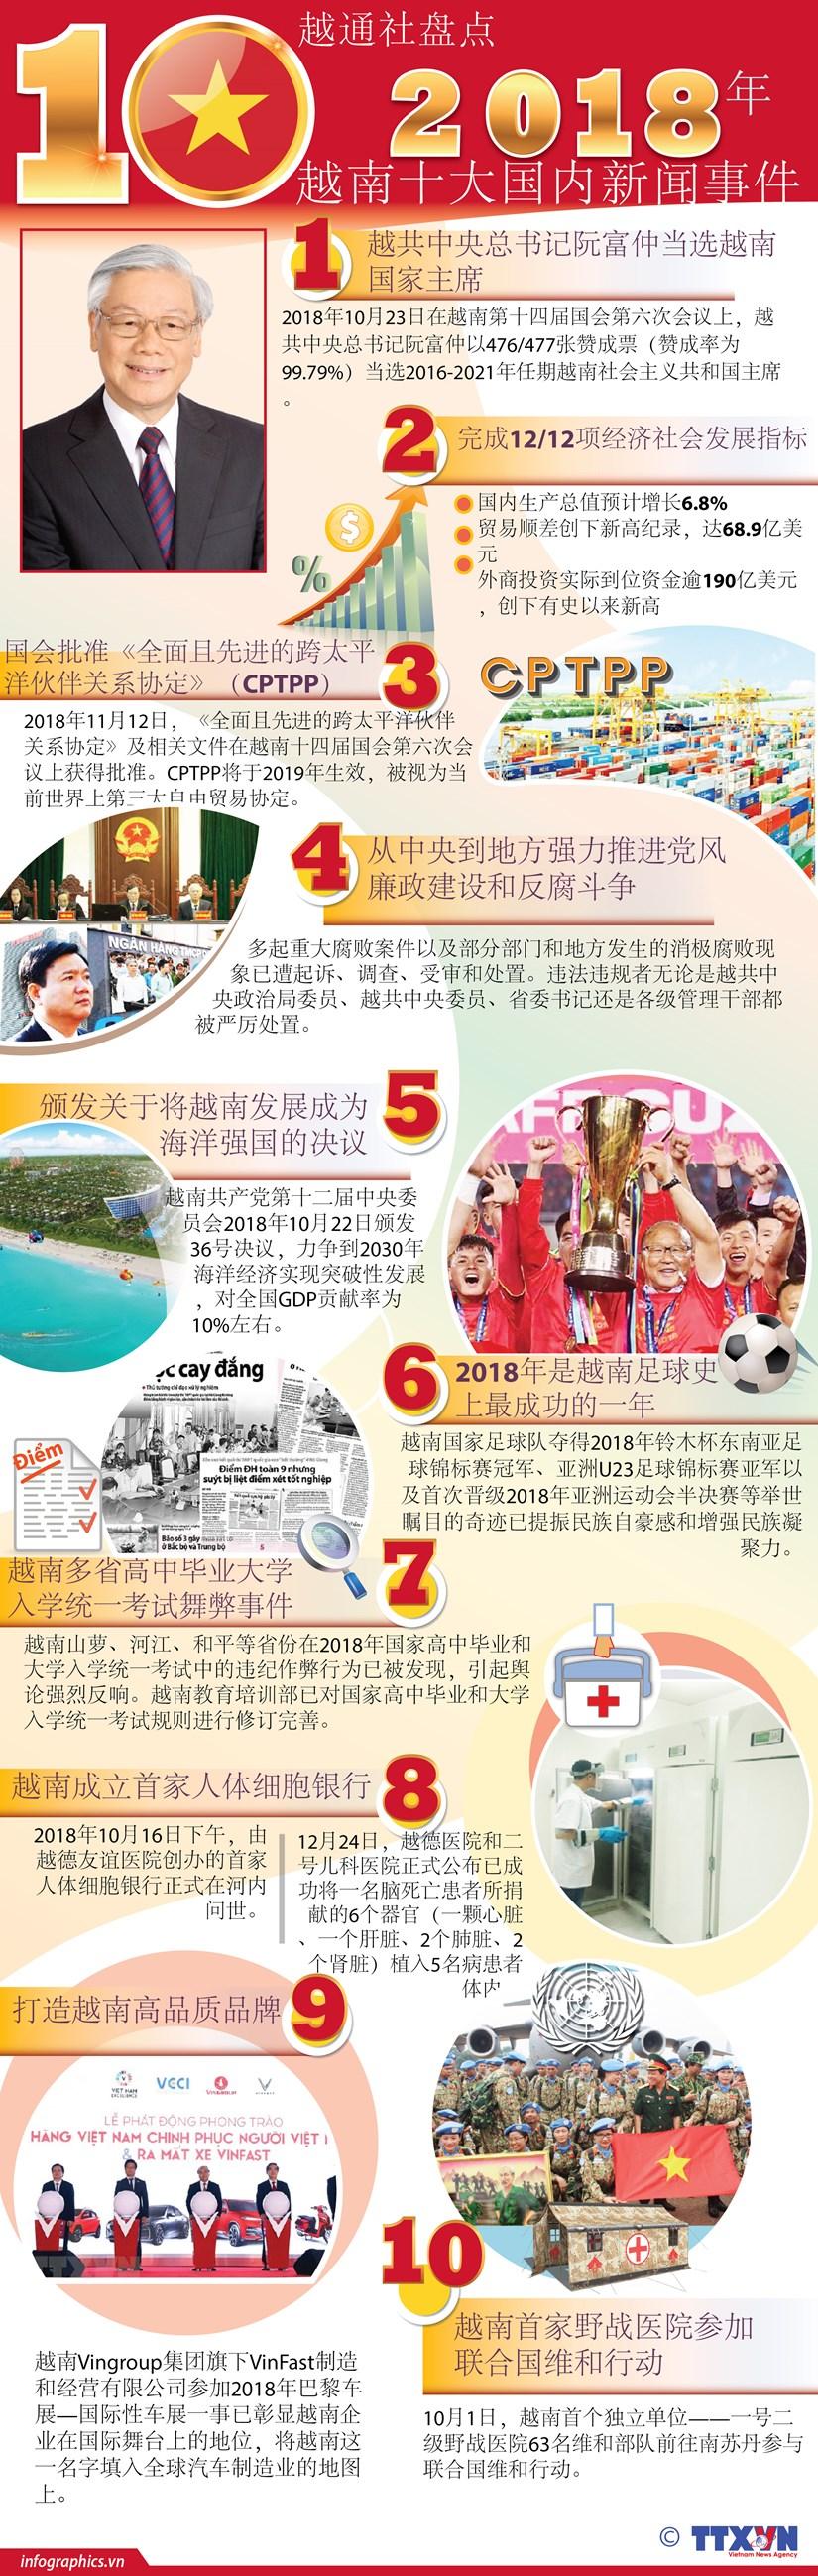 图表新闻:越通社盘点2018年越南十大国内新闻事件 hinh anh 1